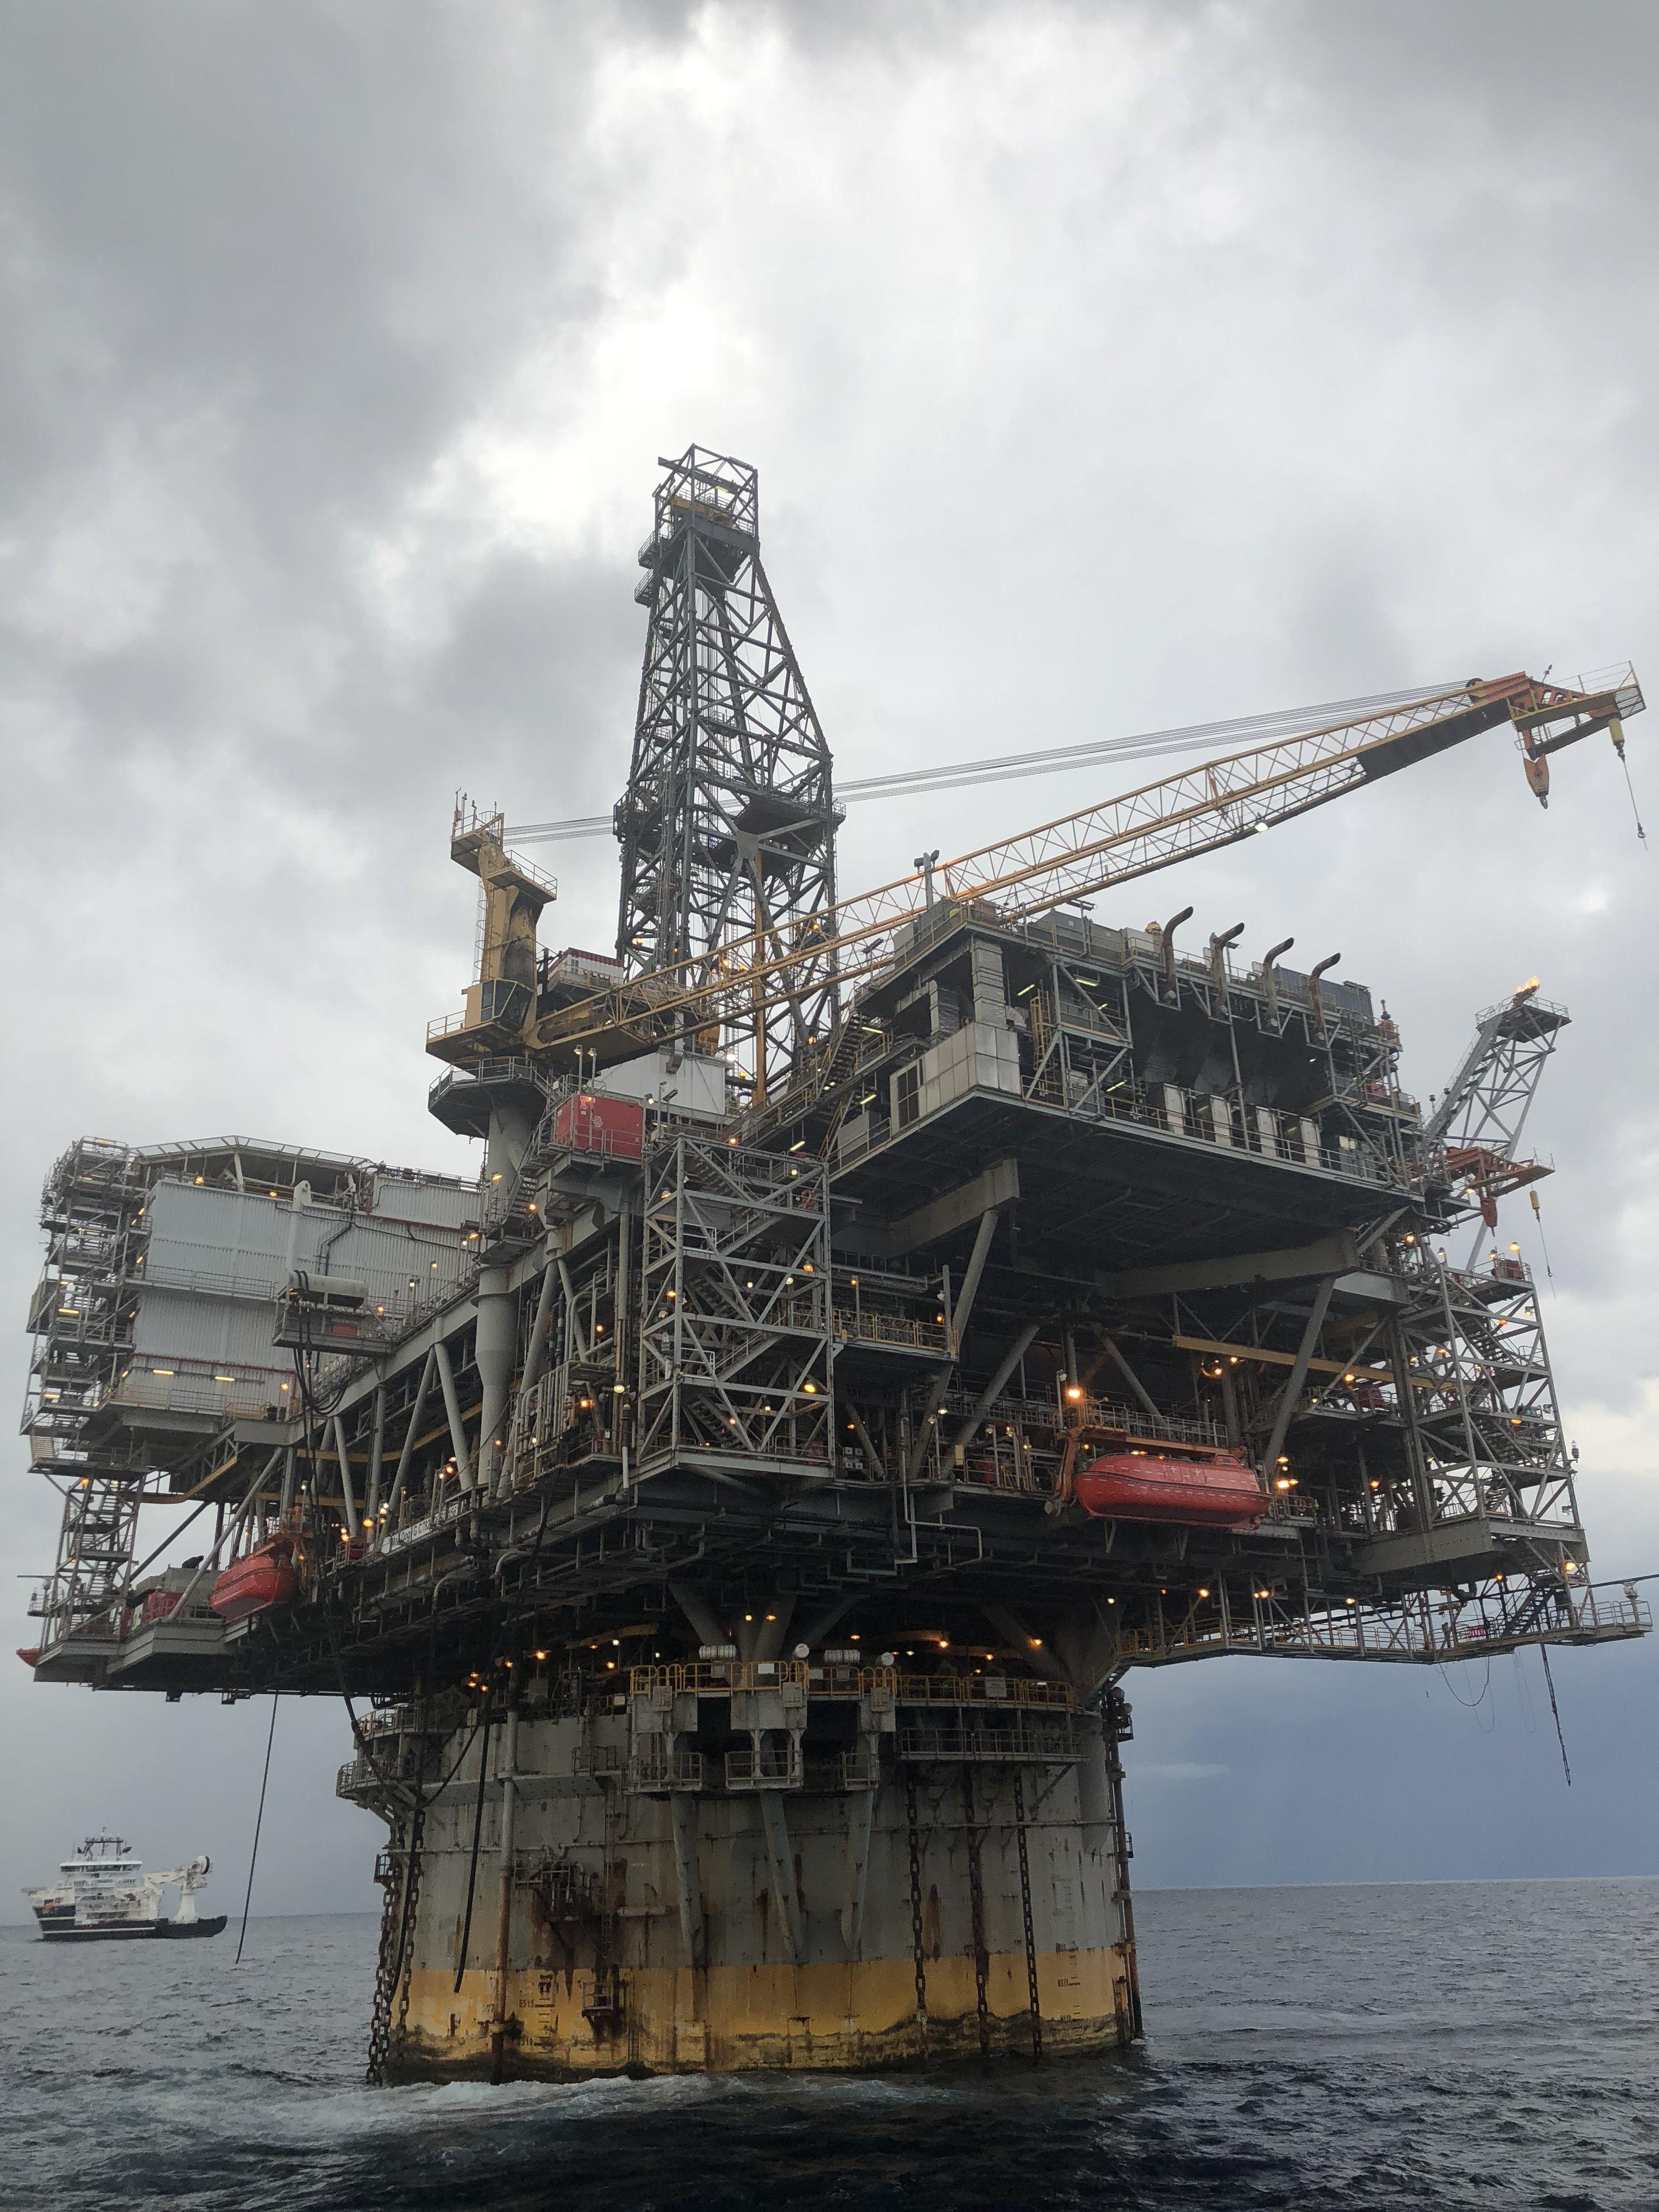 Bp Mad Dog Spar Oil Platform Oil Rig Drilling Rig